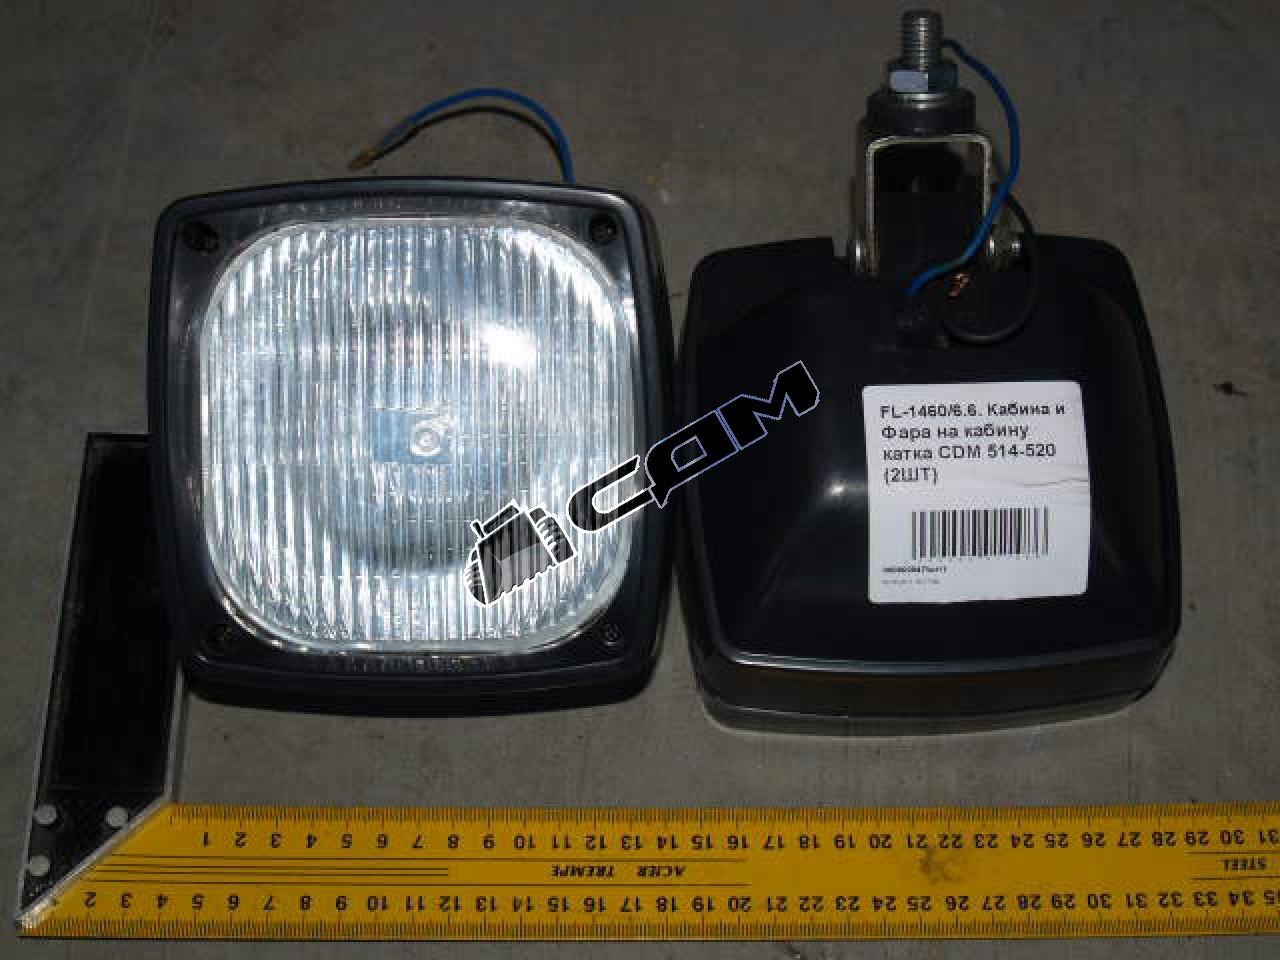 Фара на кабину катка CDM 514-520 LG520A6.21.06